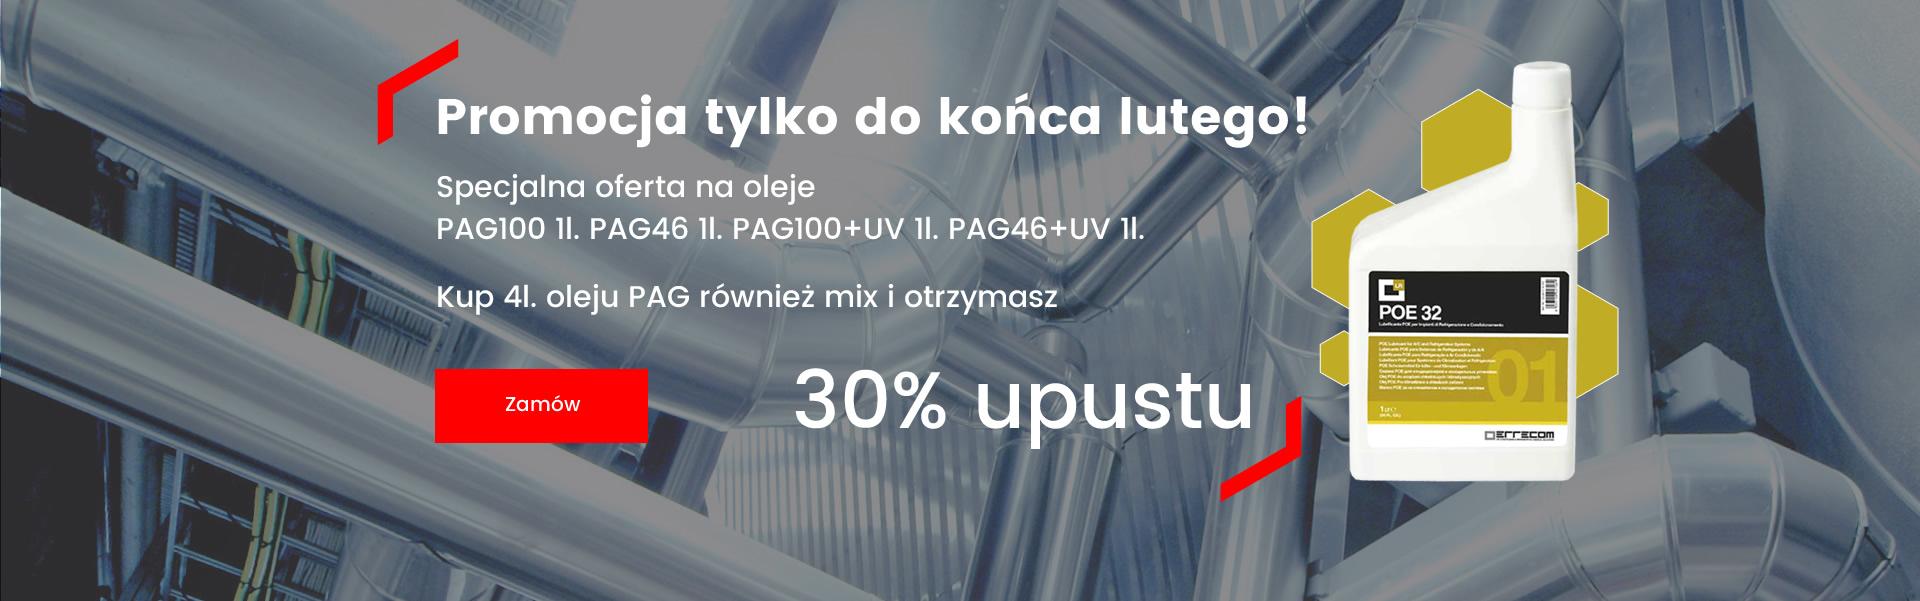 Specjalna oferta na oleje PAG100 1l. PAG46 1l. PAG100+UV 1l. PAG46+UV 1l.